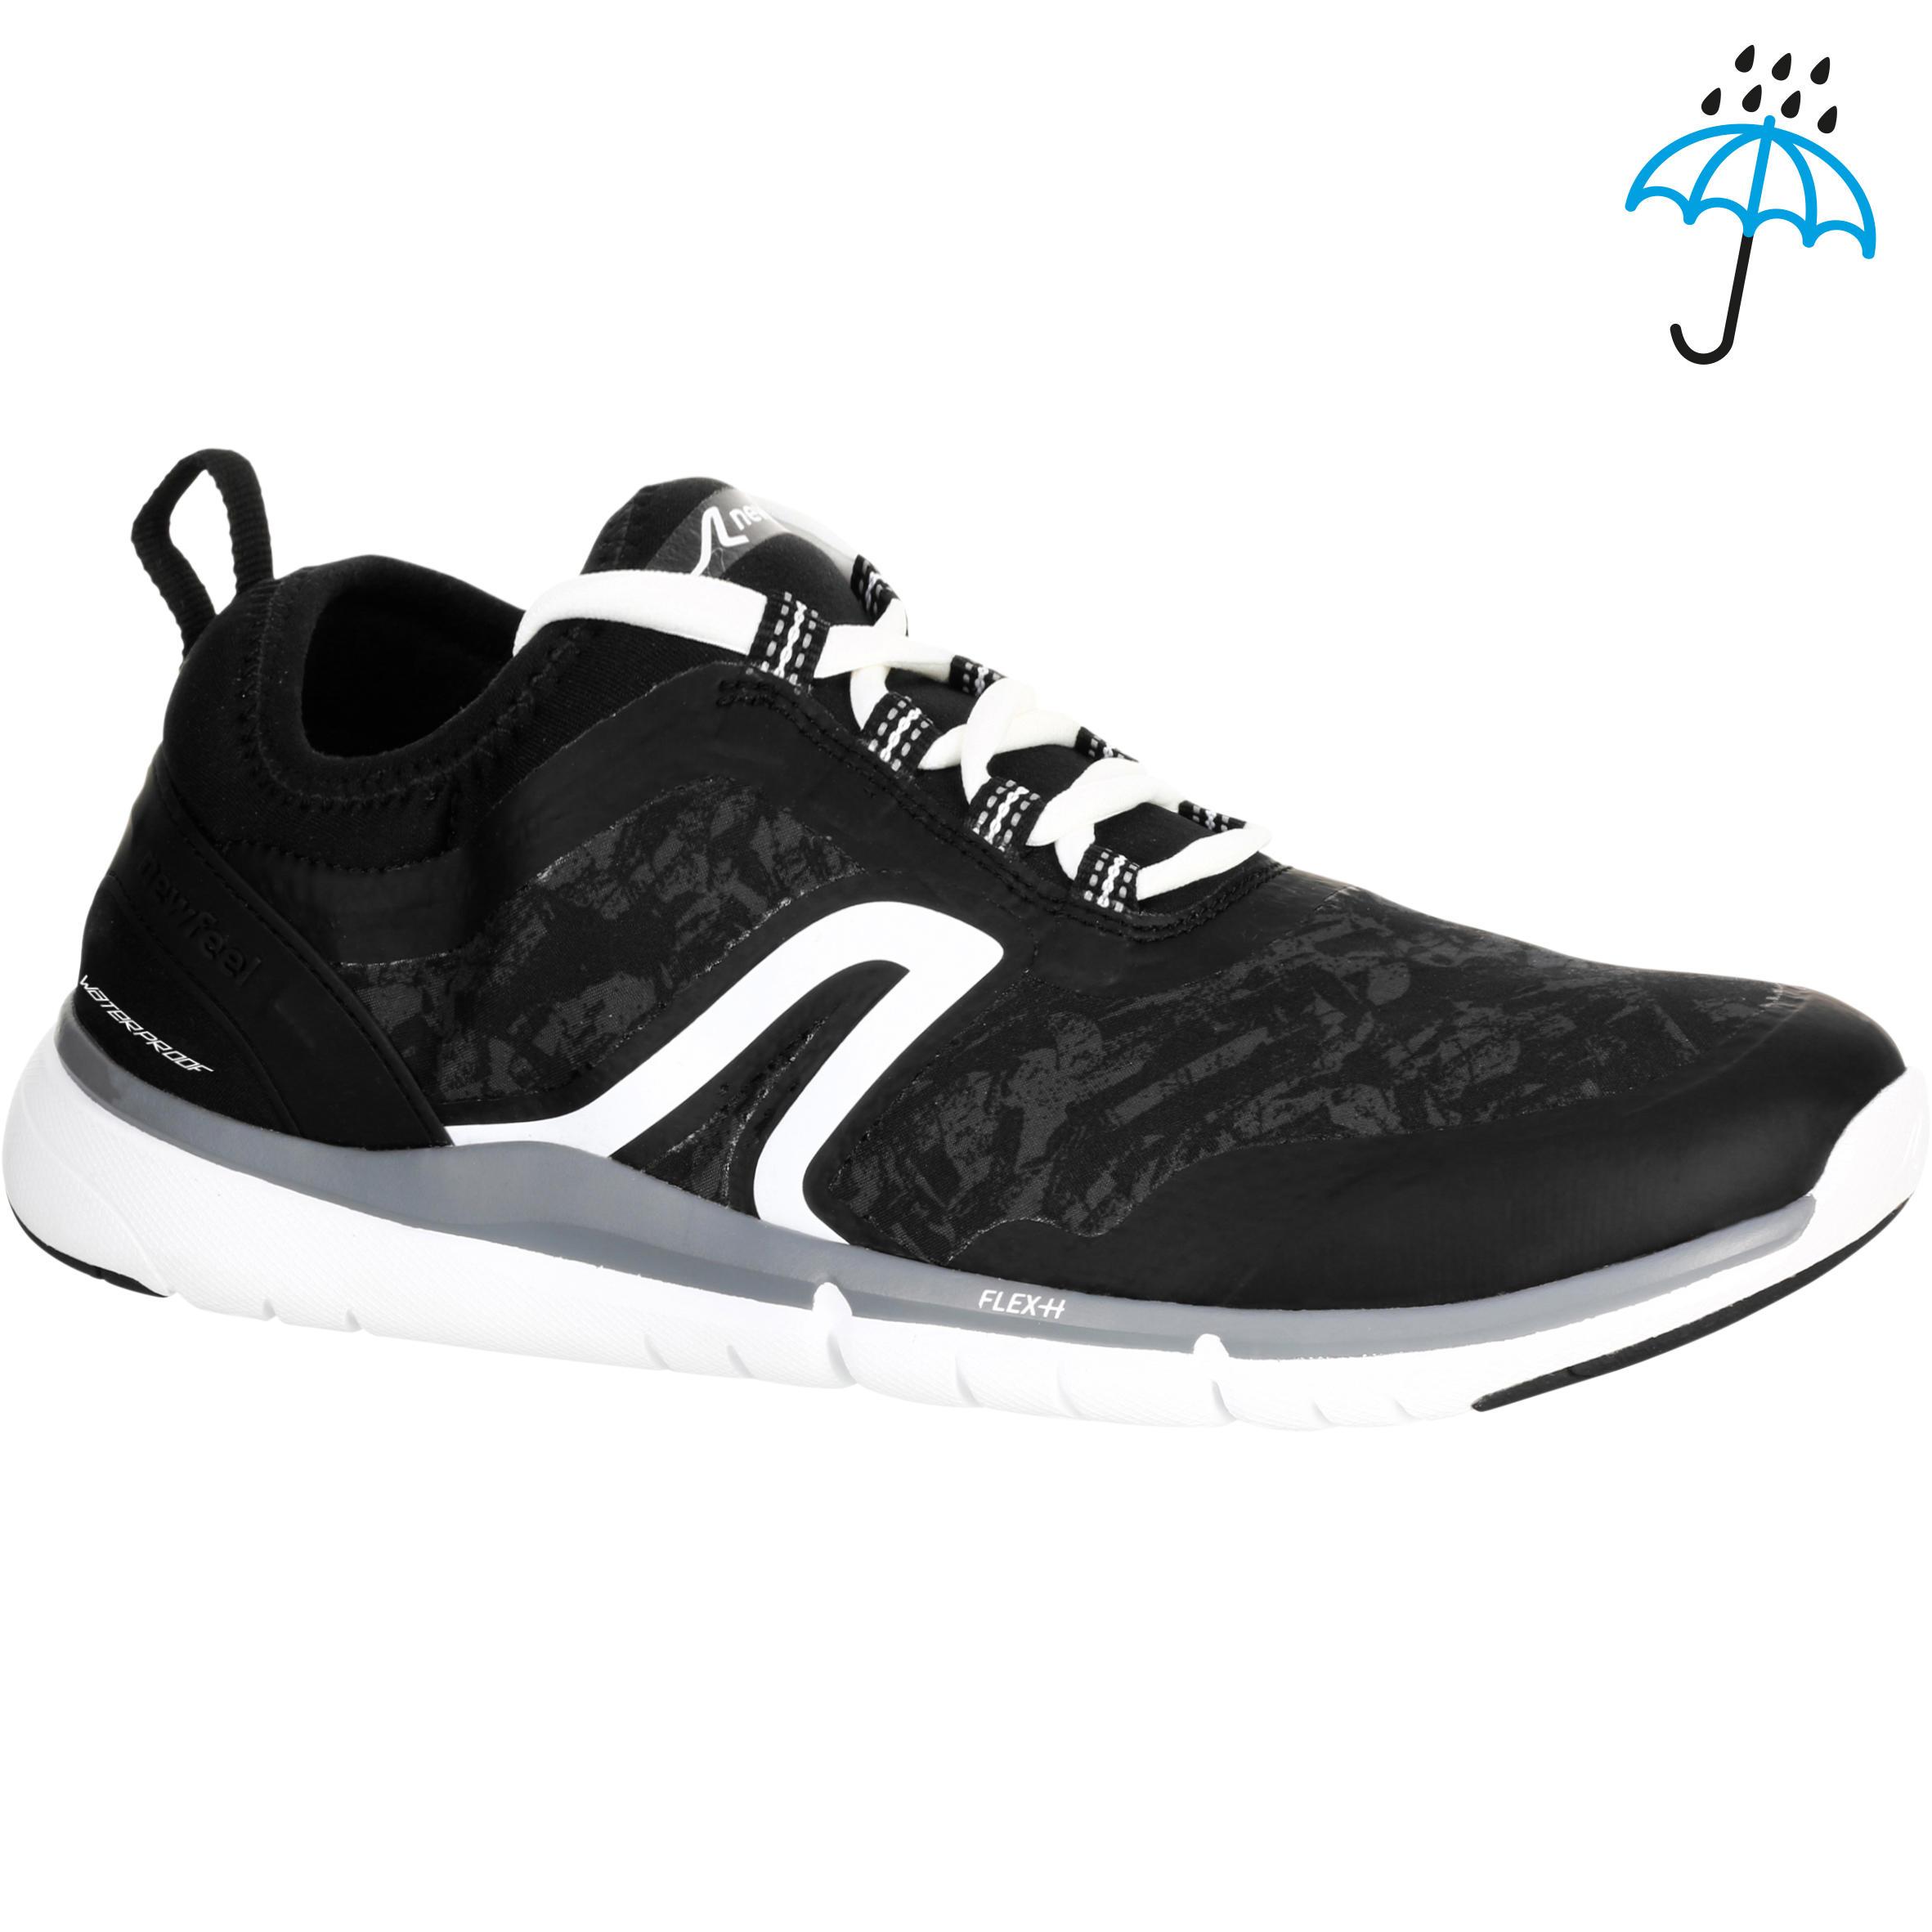 PW 580 Waterproof Men's Fitness Walking Shoes - Black